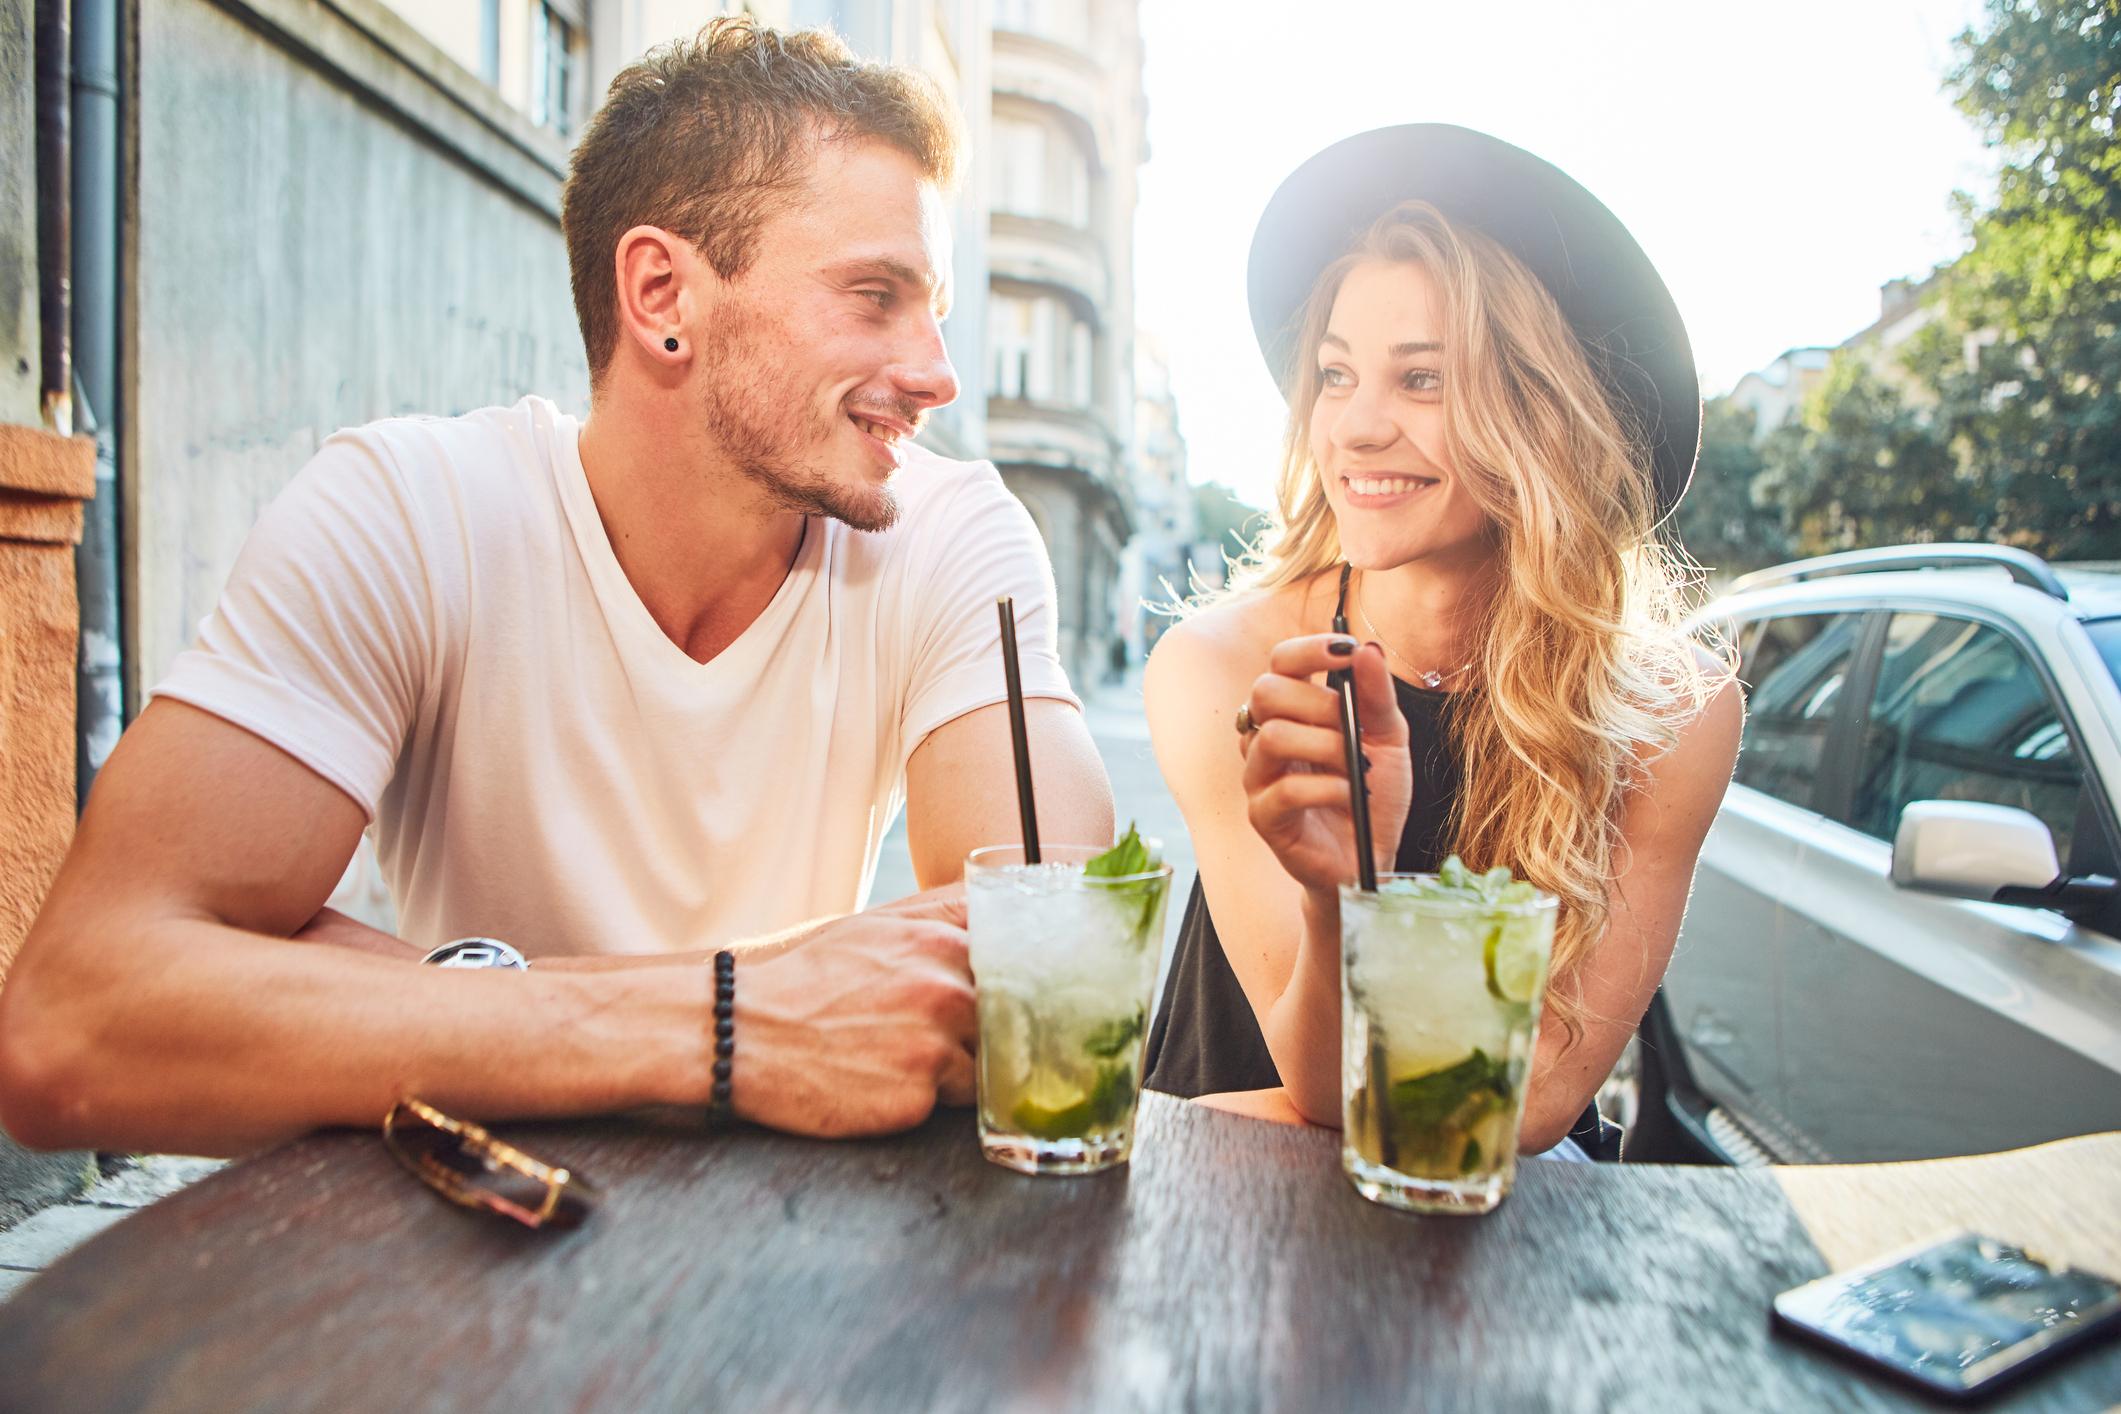 Як зробити так, щоб хлопець запропонував зустрічатися: 15 речей, які роблять нас унікальними